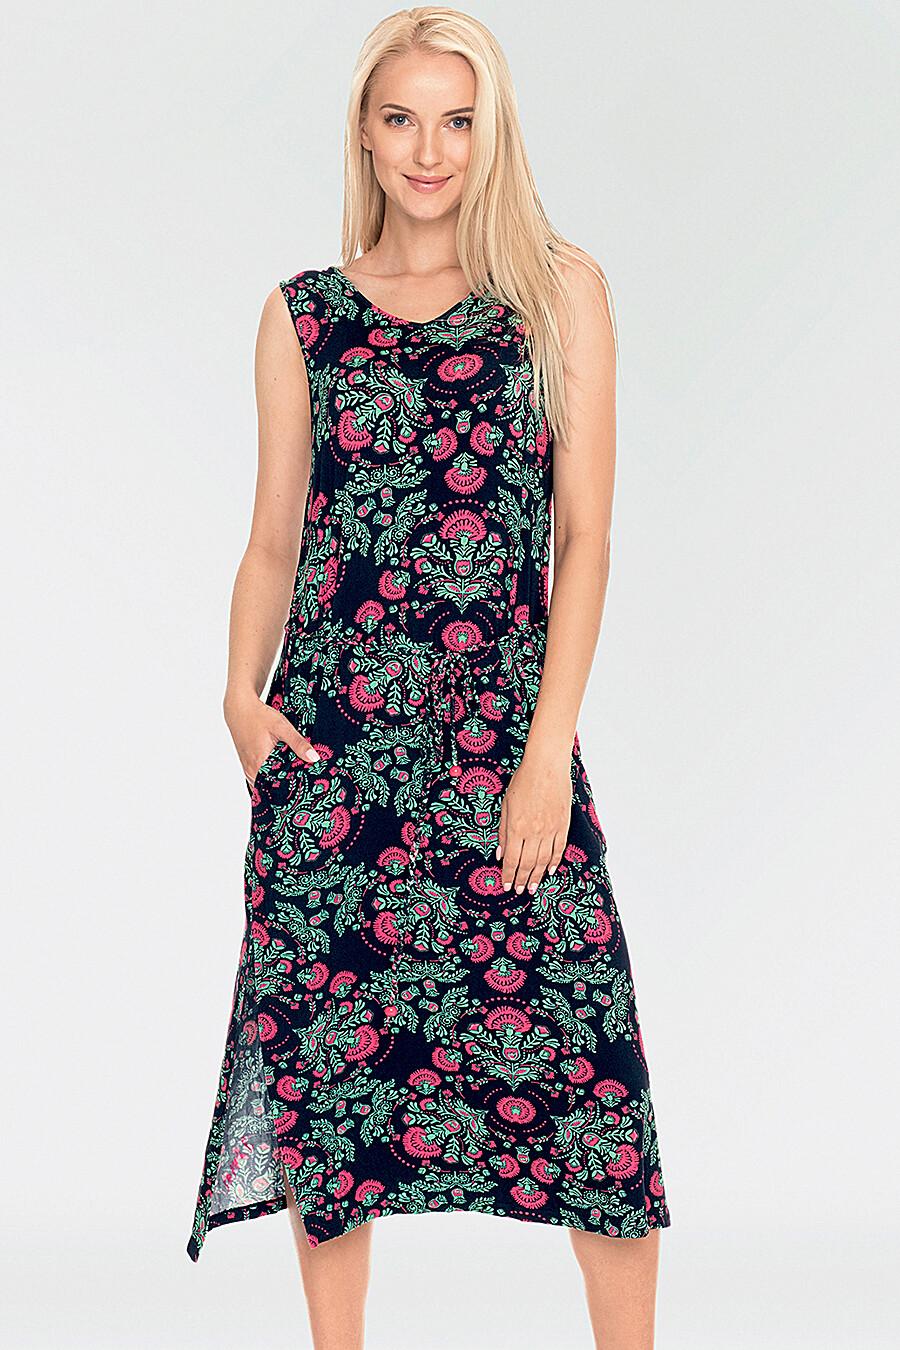 Сорочка для женщин KEY 116691 купить оптом от производителя. Совместная покупка женской одежды в OptMoyo